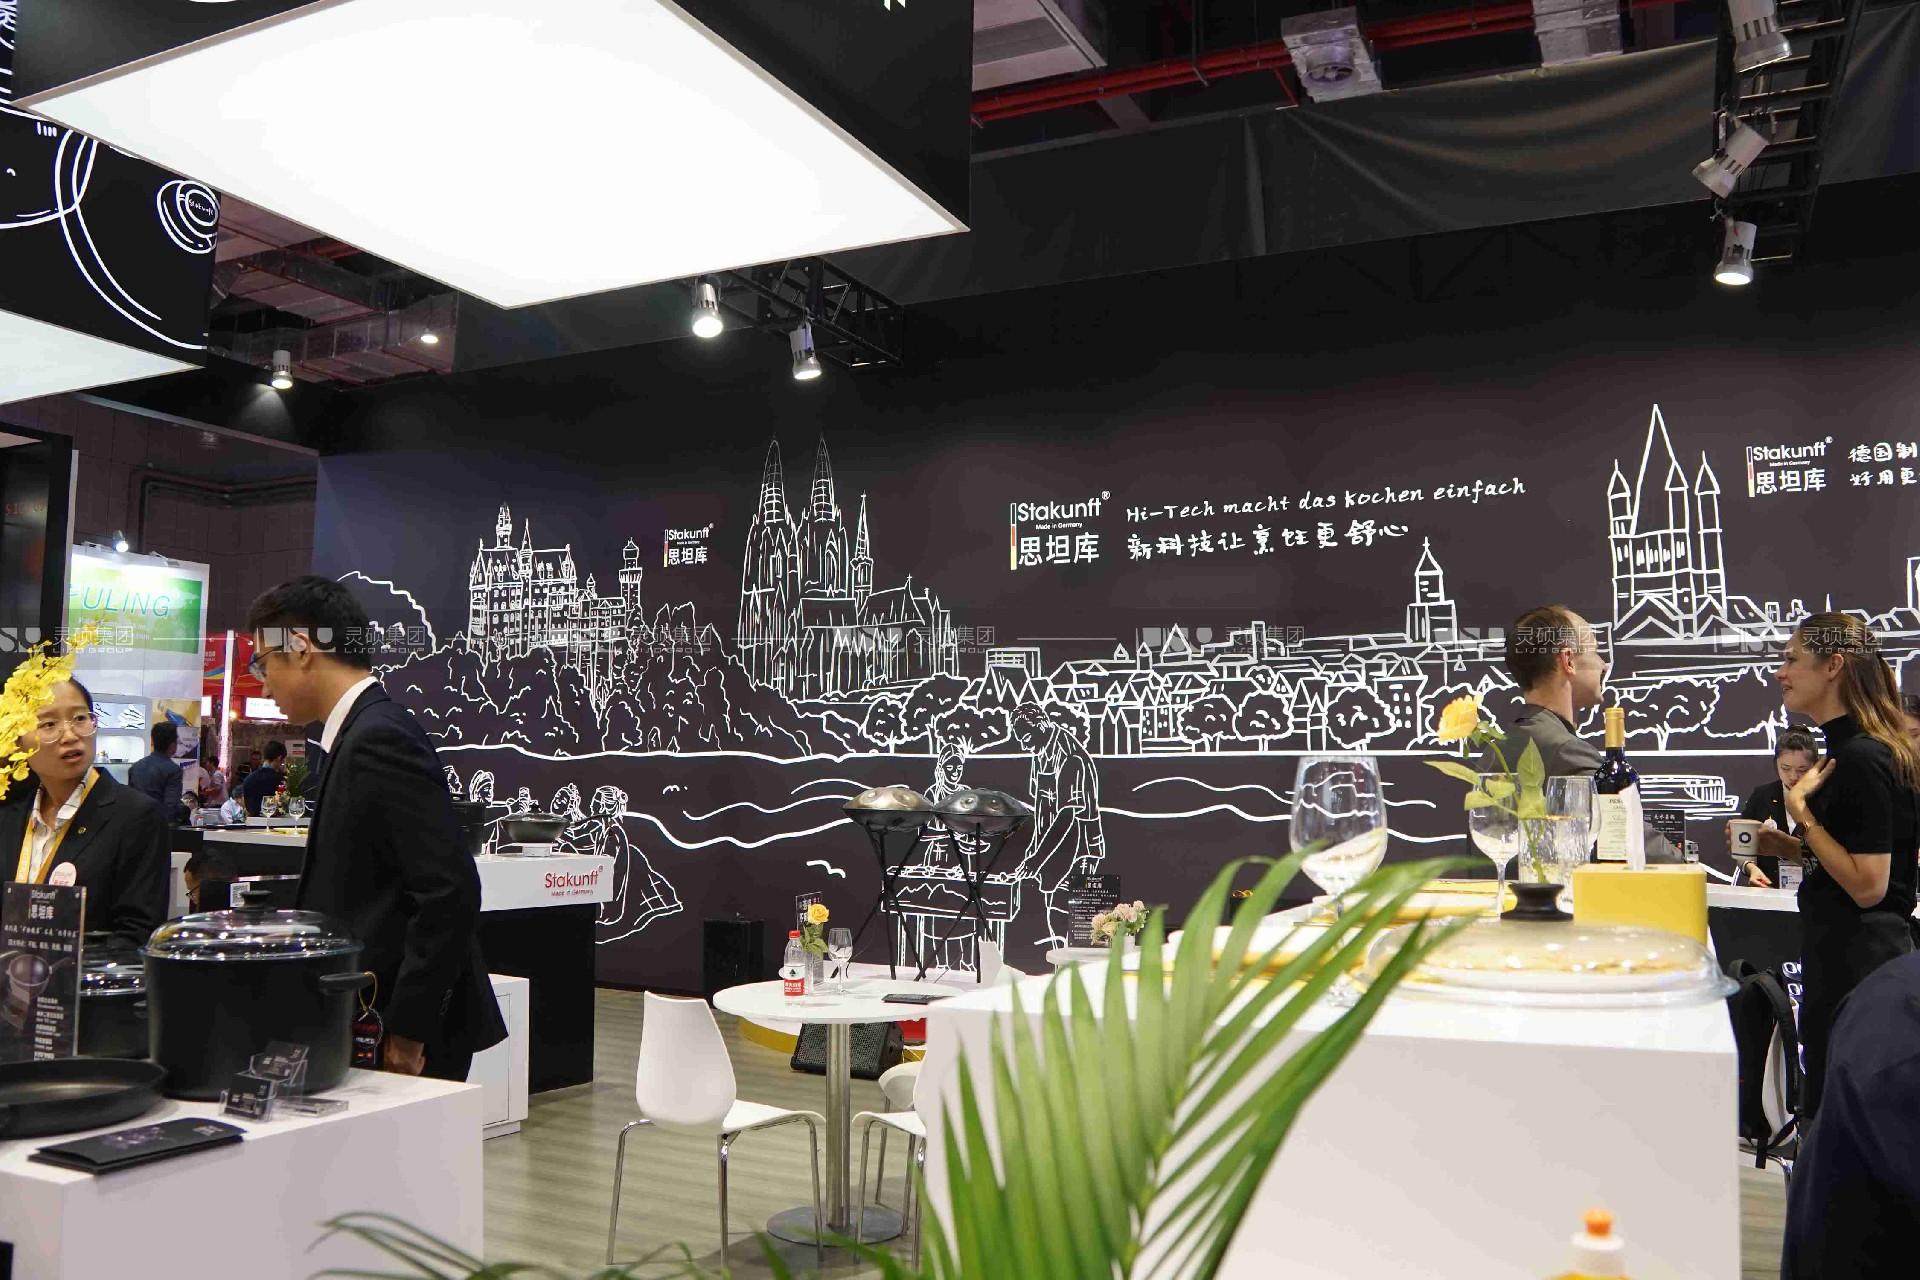 思坦库-2019年第二届进博会展台案例